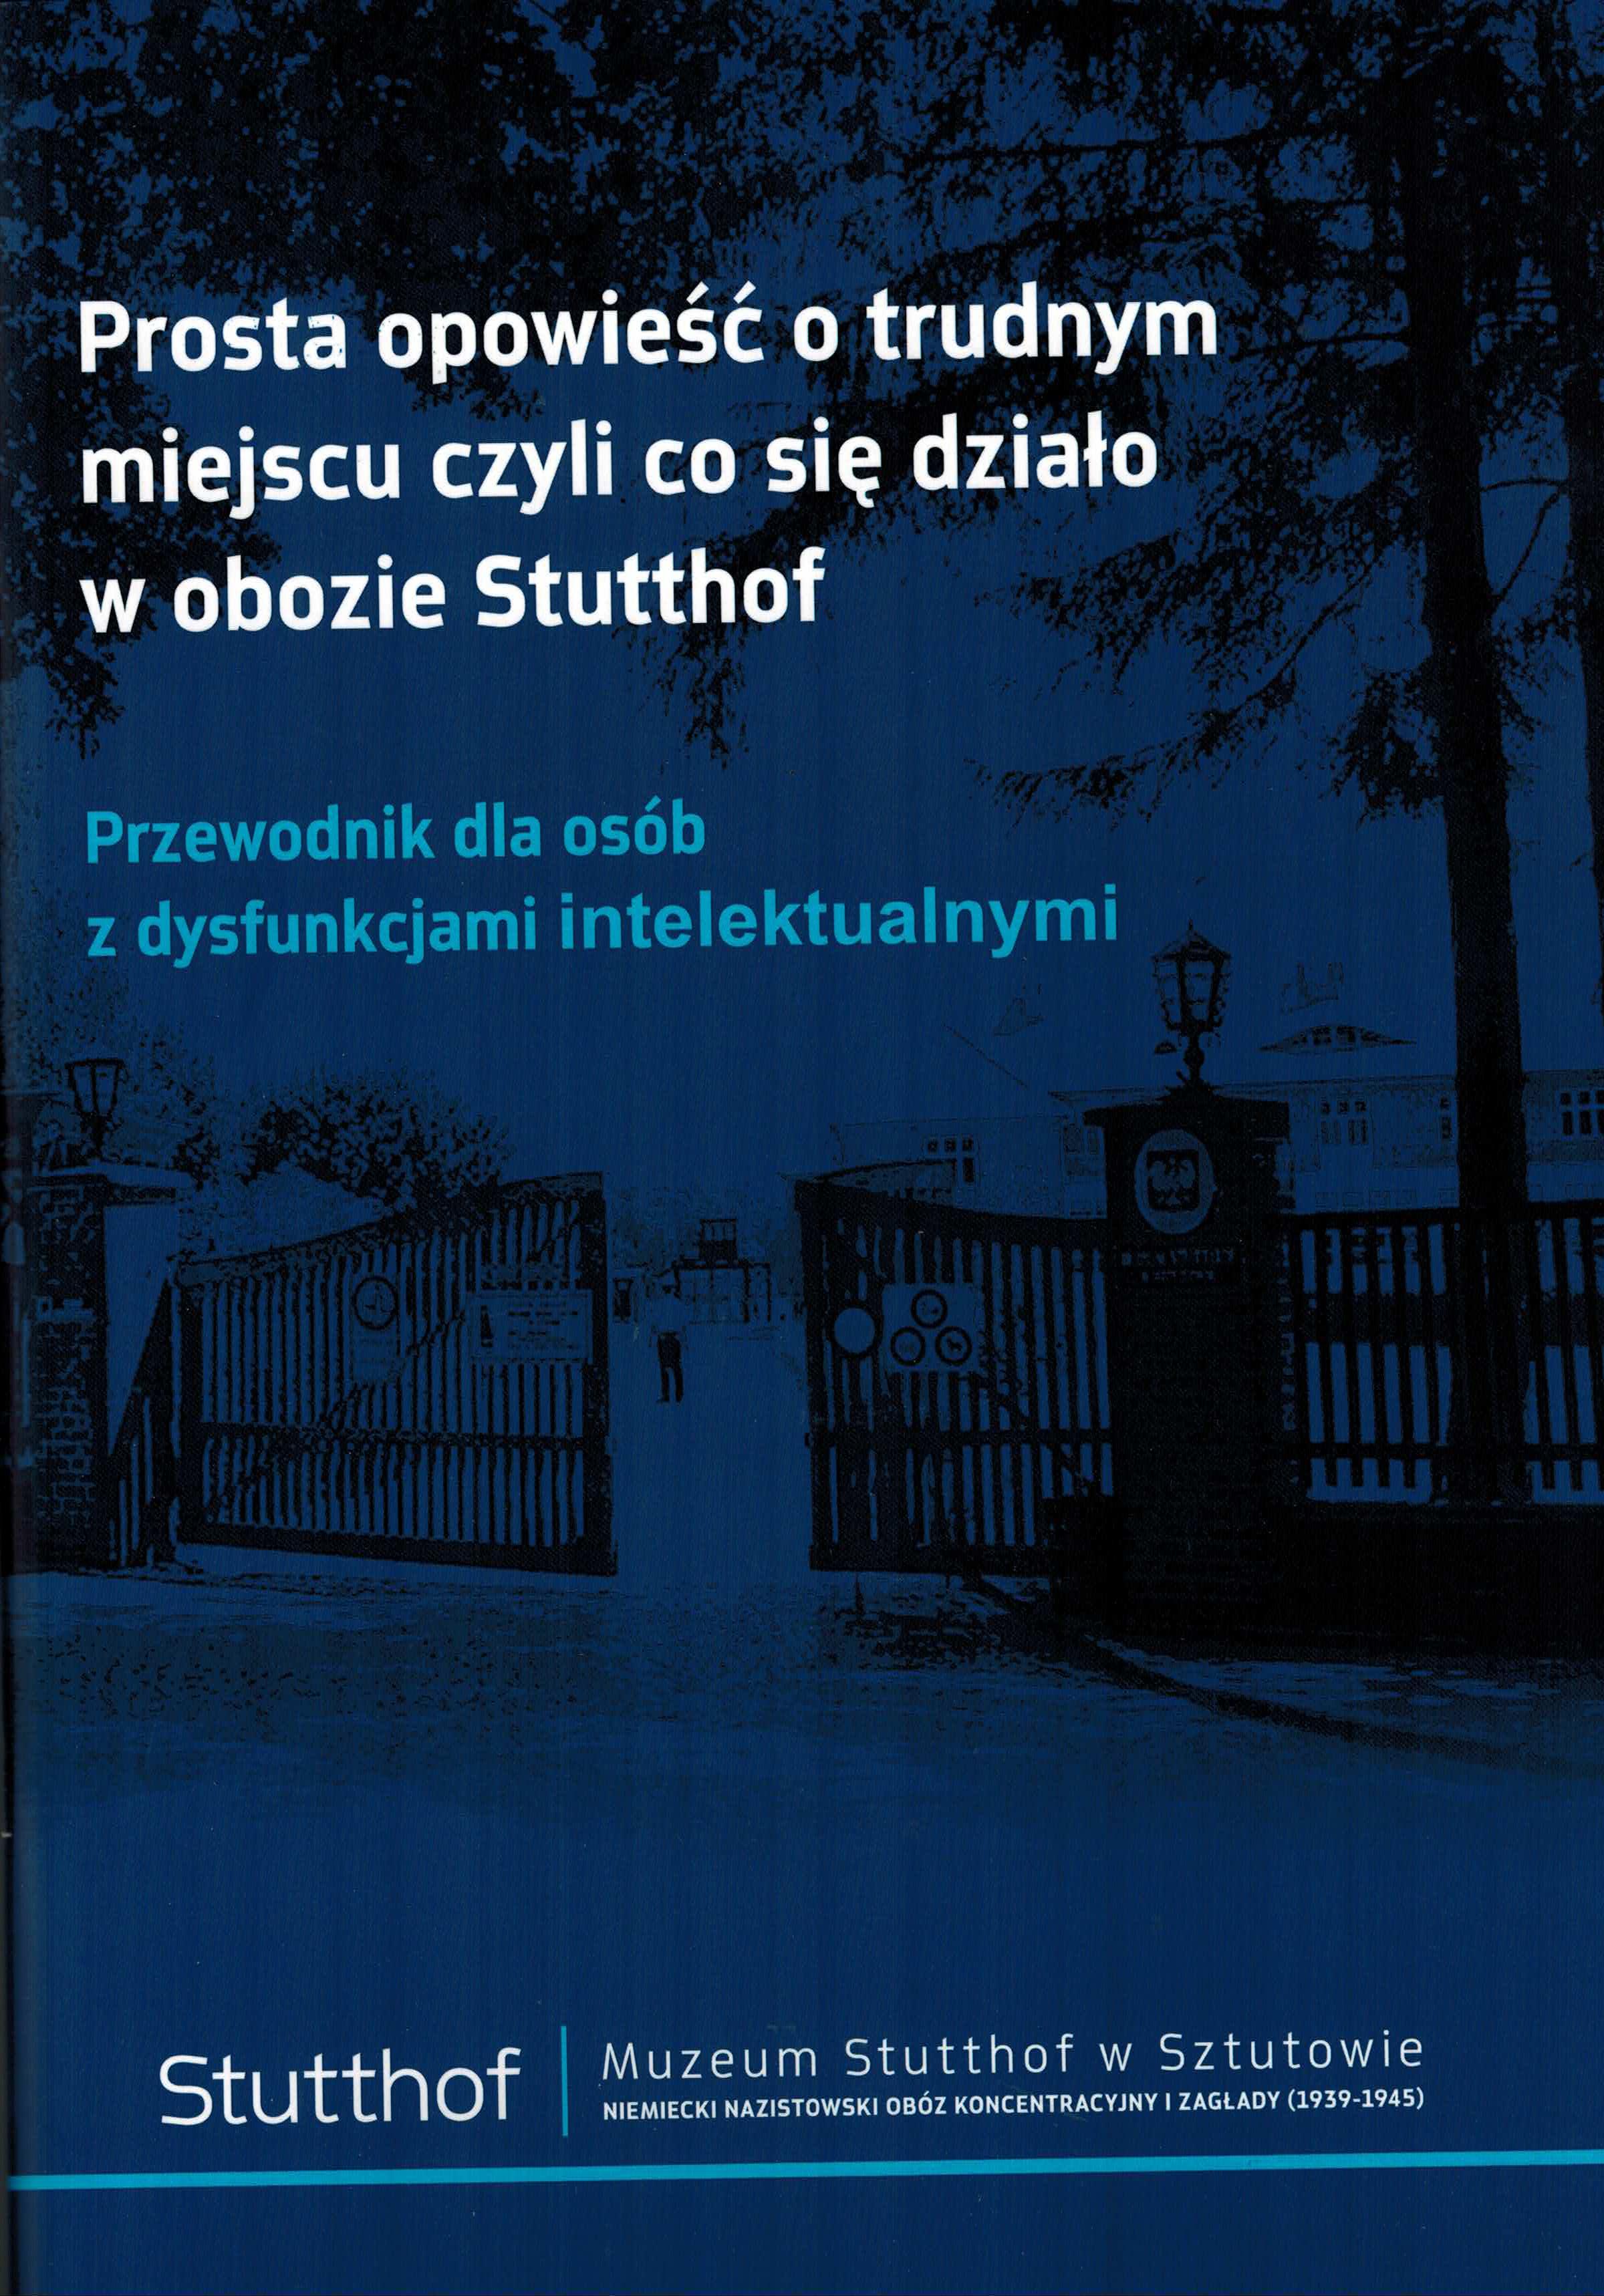 okładka Prosta opowieść o trudnym miejscu czyli co się działo w obozie Stutthof. Przewodnik dla osób z dysfunkcjami intelektualnymi.